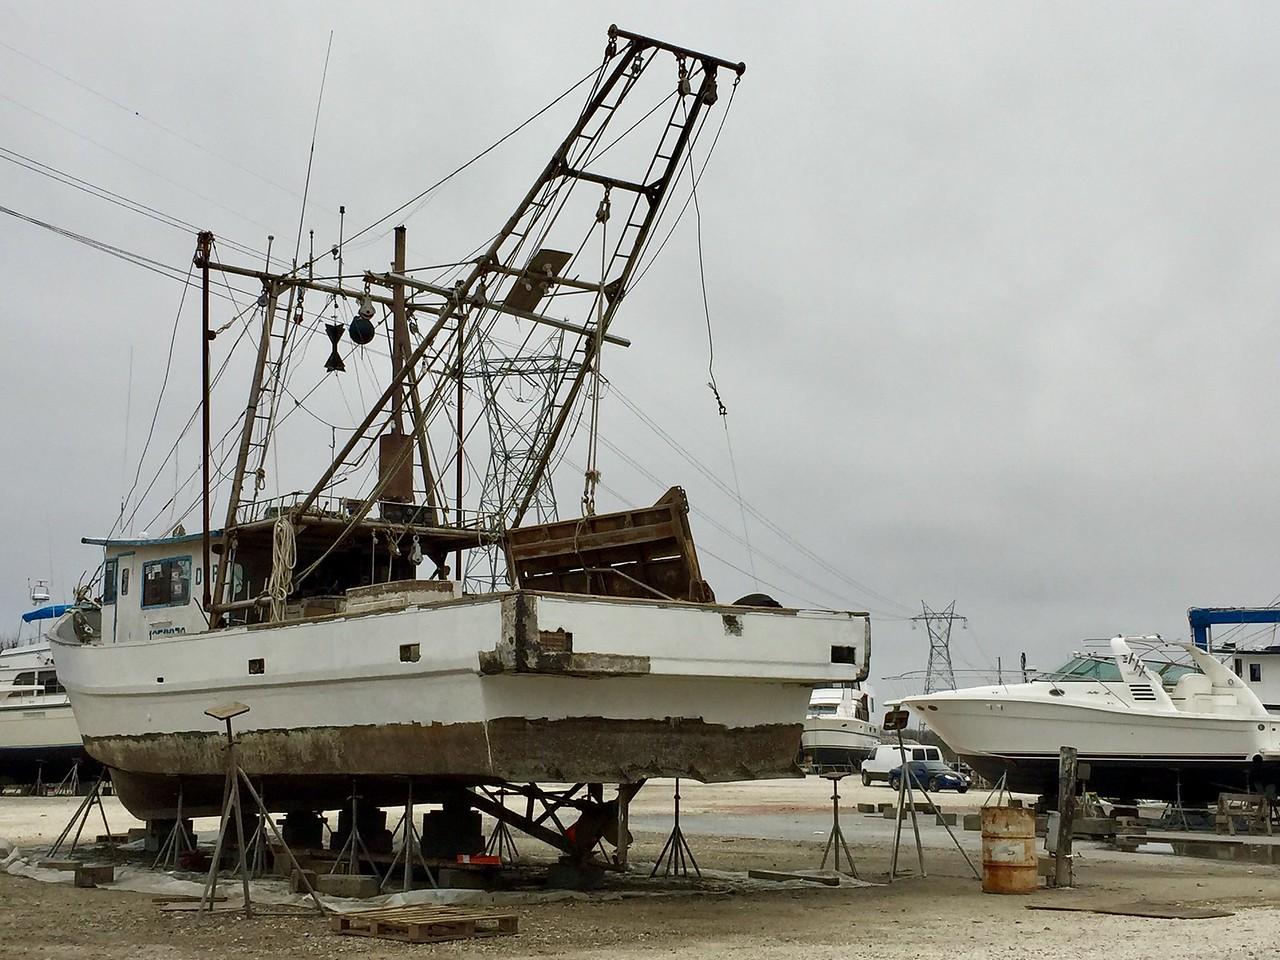 Boat Repair Yard in Color